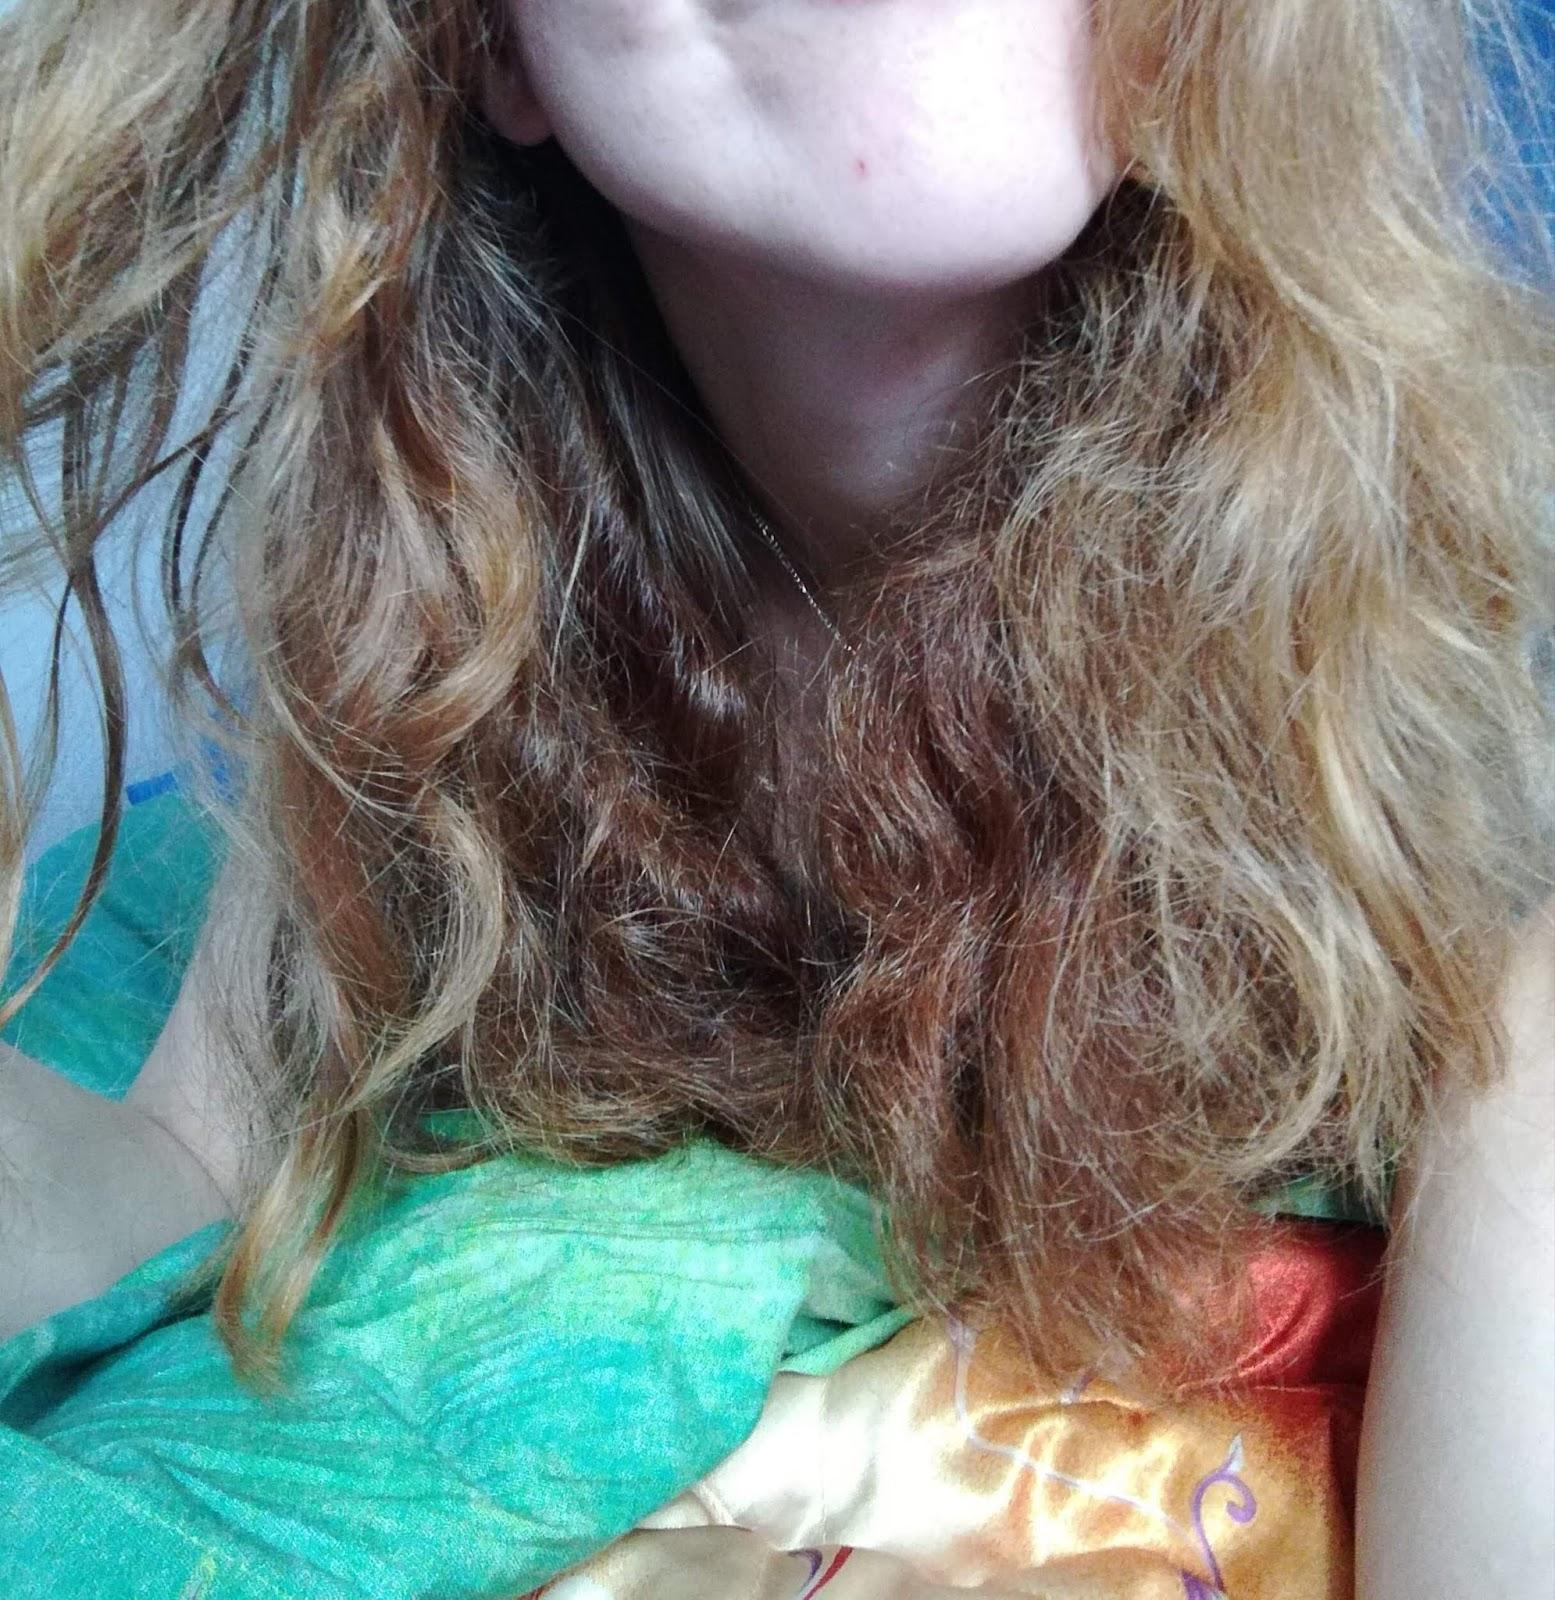 Pielęgnacja włosów Moniki - gęste włosy kręcone, bardzo mocno przesuszone